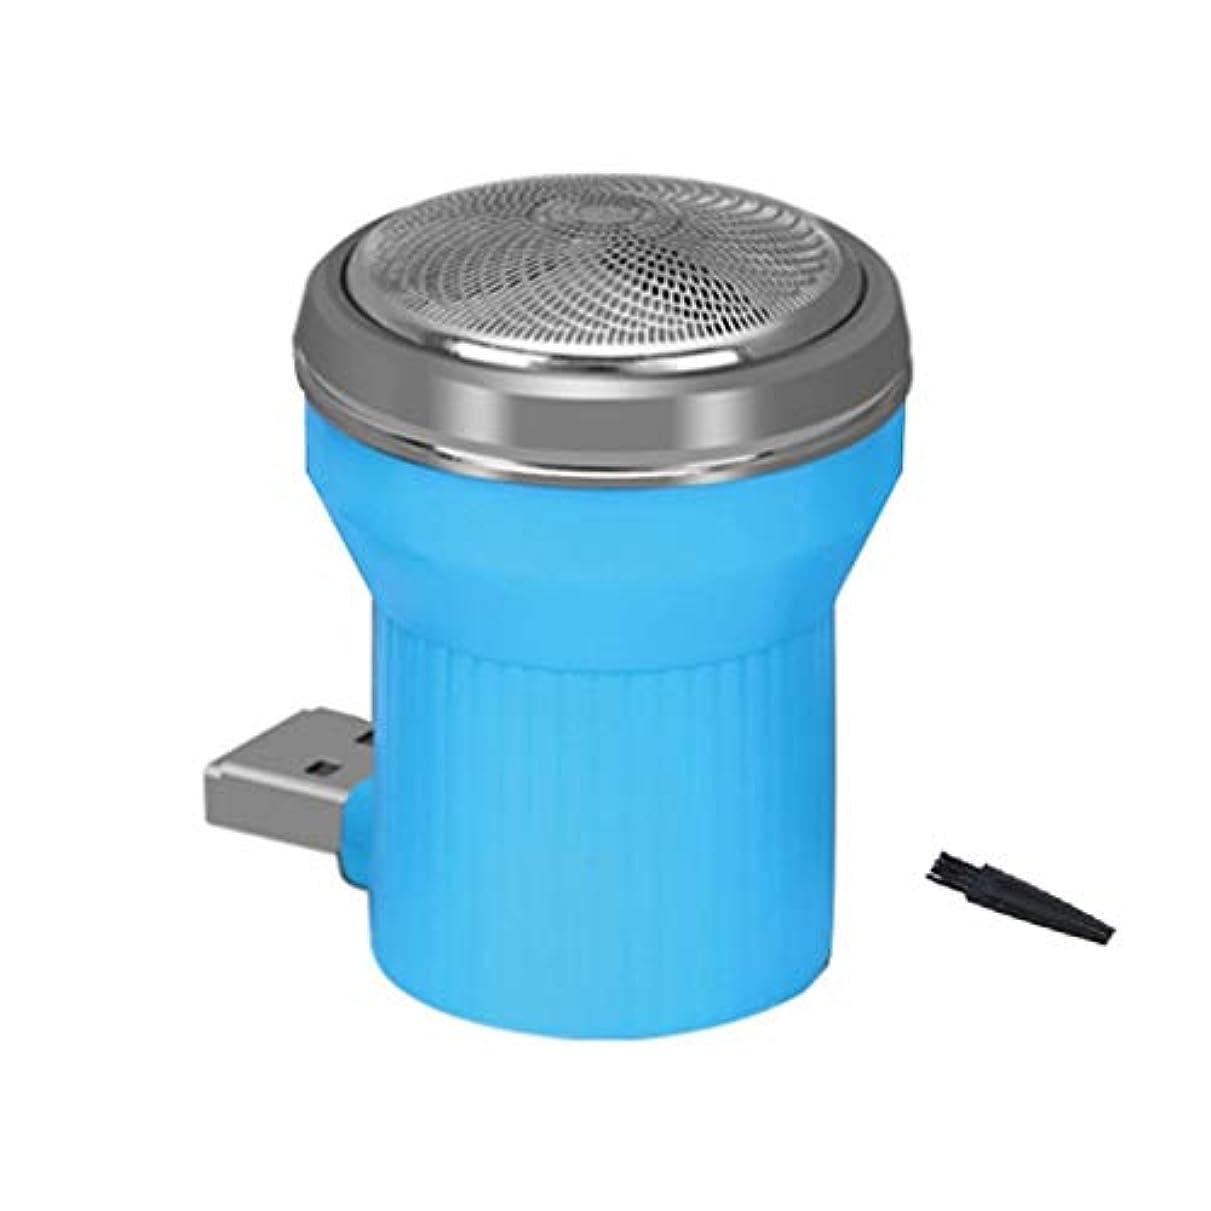 海洋従者ガスマイクロUSBアンドロイド電源用ポータブルミニスマートフォン技術電気シェーバーカミソリ緊急ポータブルトラベル